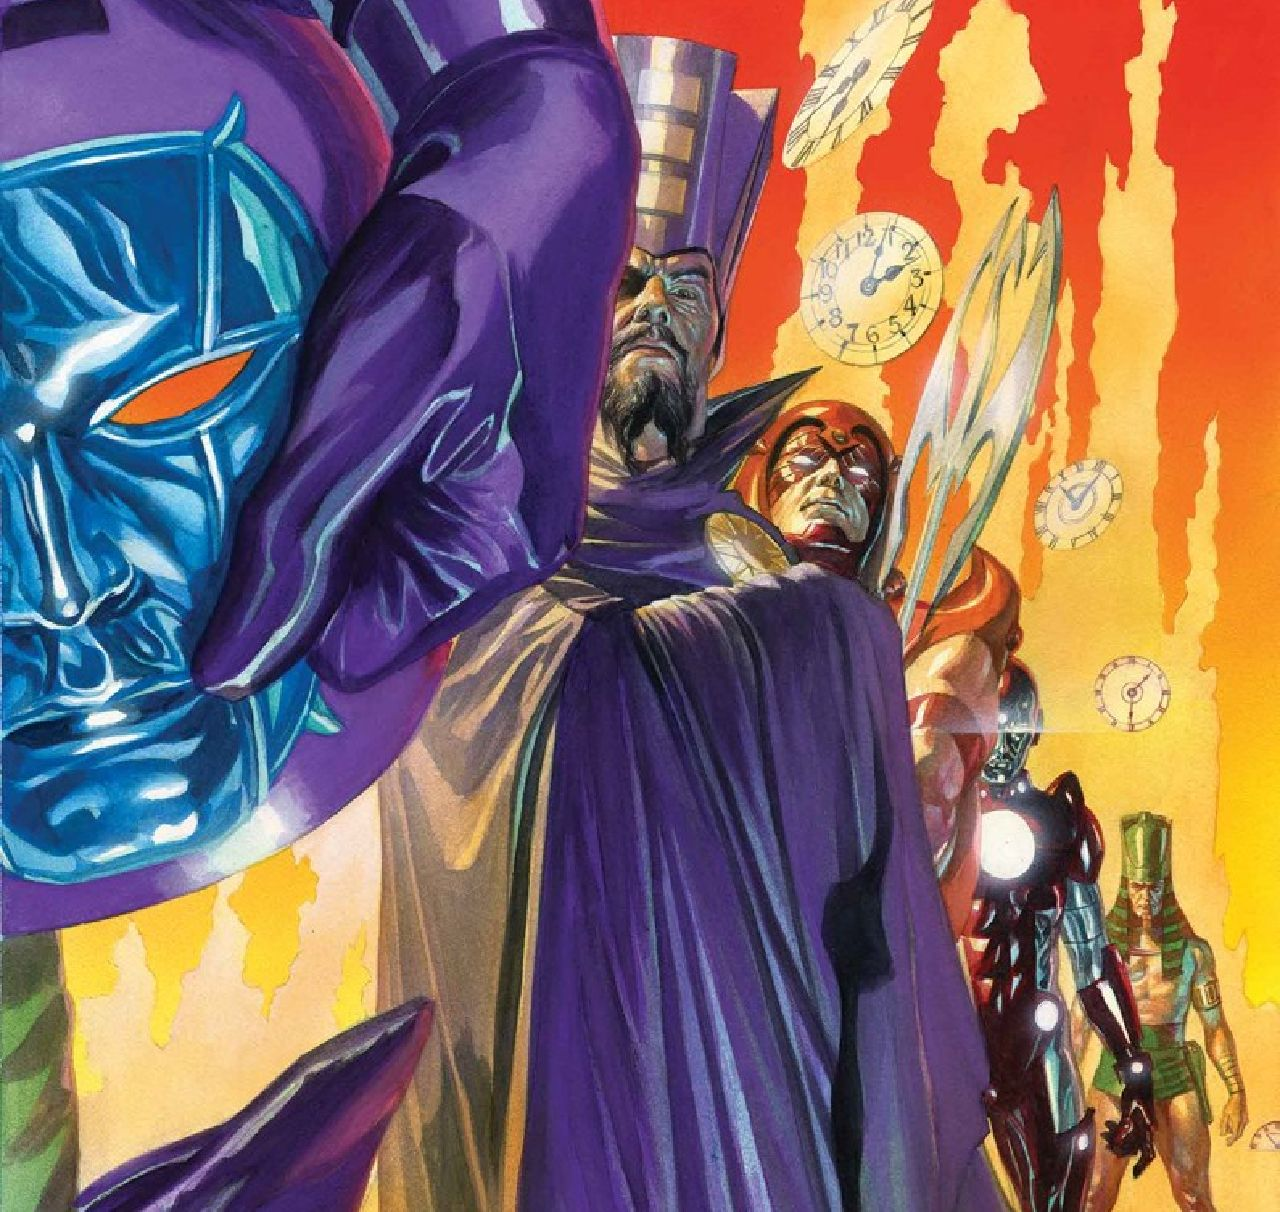 loki serie kang inmortus marvel comics